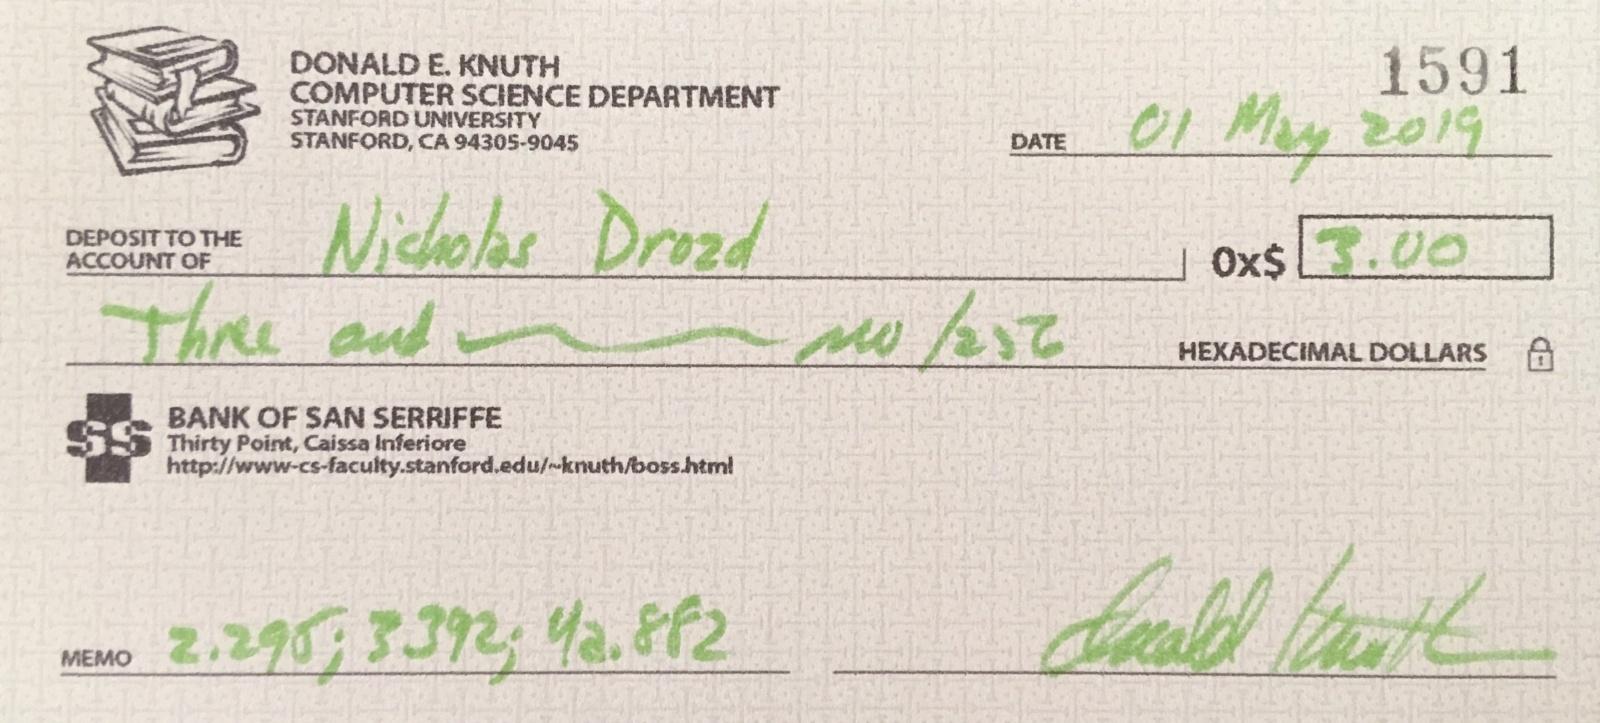 Я получил от Кнута чек на 0x$3,00 - 1